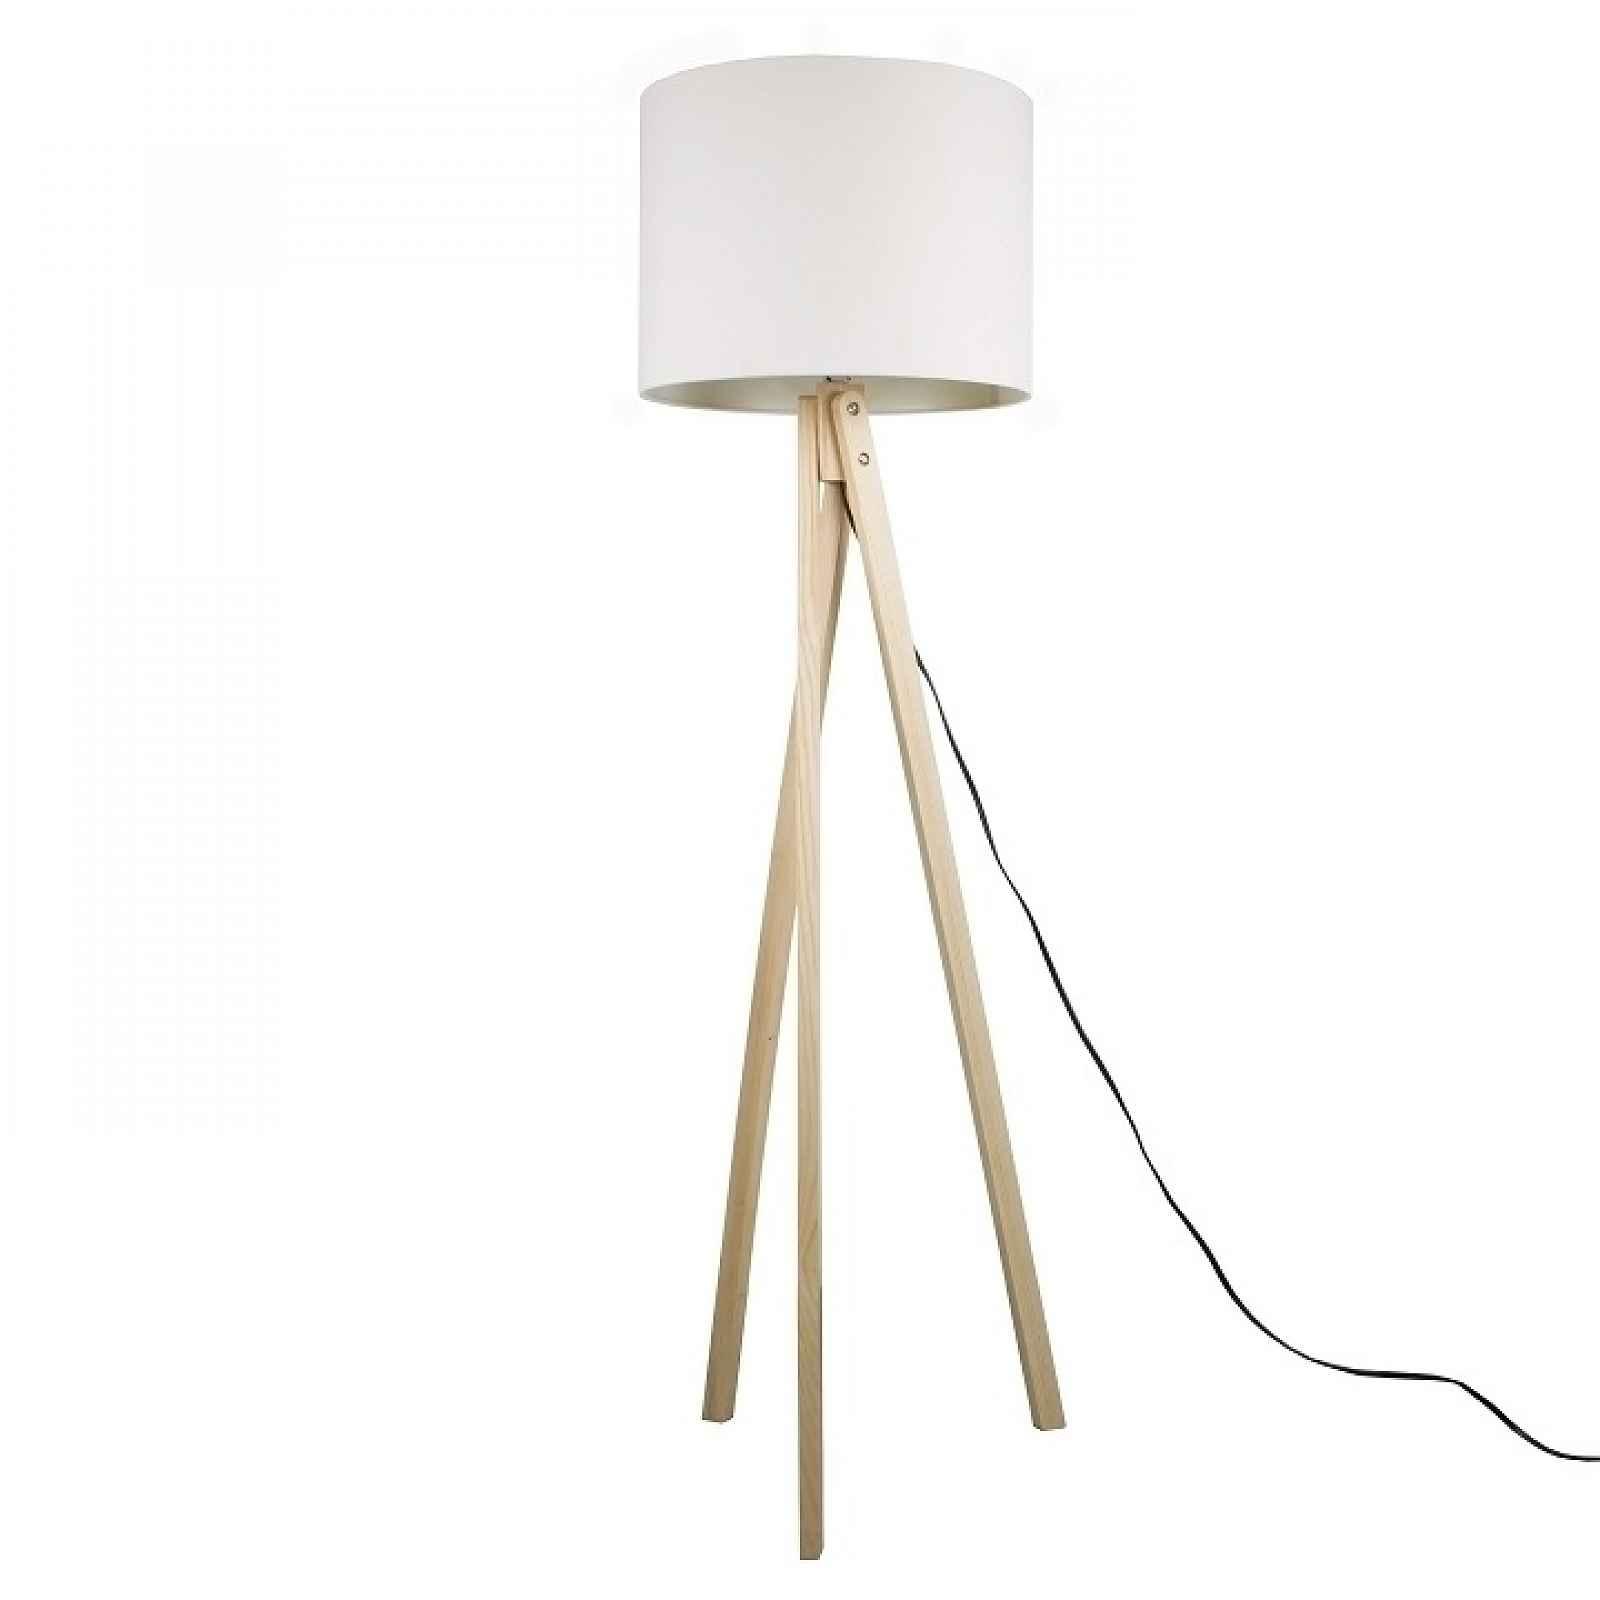 Stojací lampa, bílá / přírodní dřevo, LILA TYP  6 0000190673 Tempo Kondela